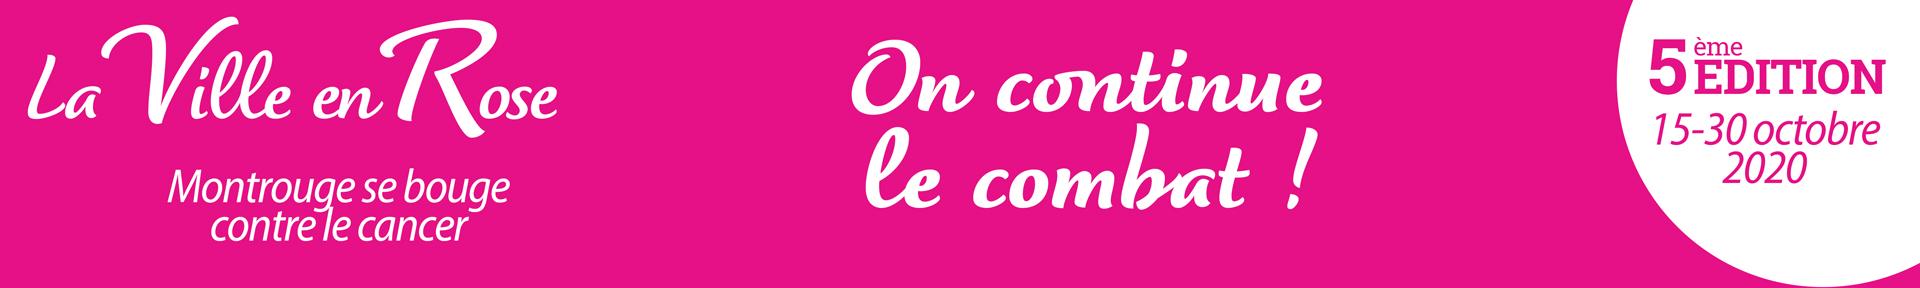 La ville en rose 2020 Montrouge